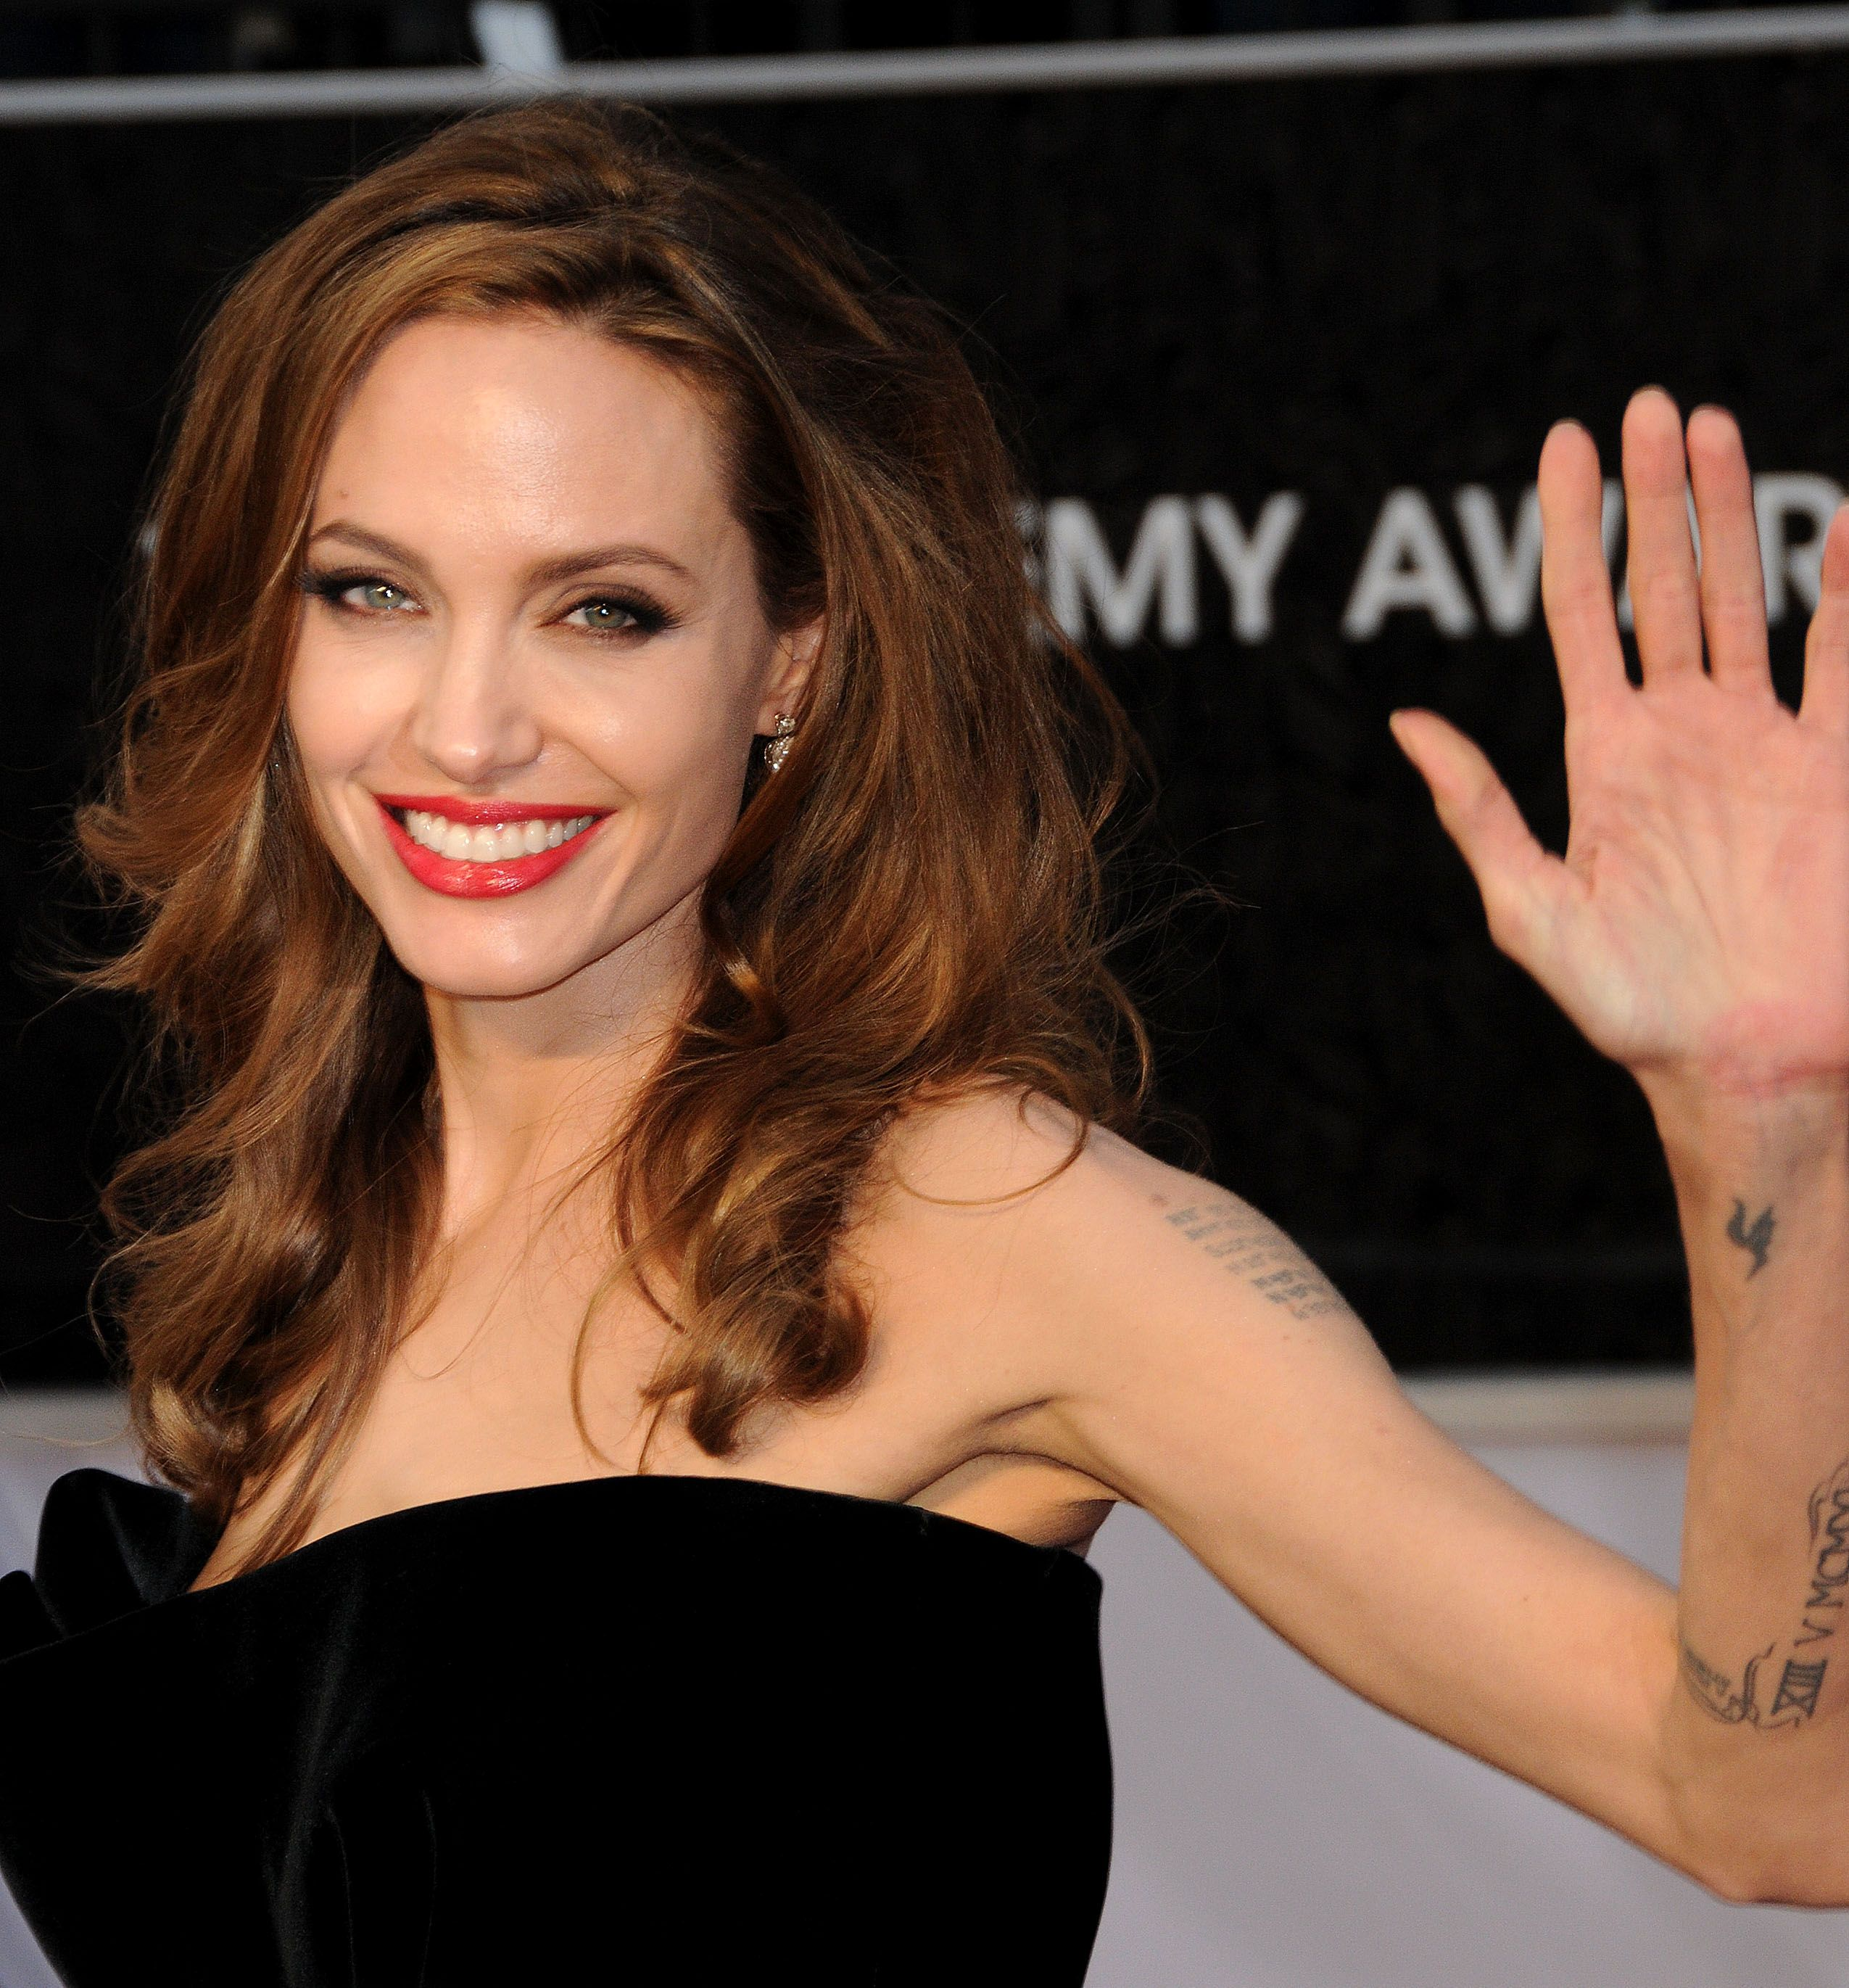 Как похудела Анджелина Джоли Фото похудевшей Анджелины Джоли